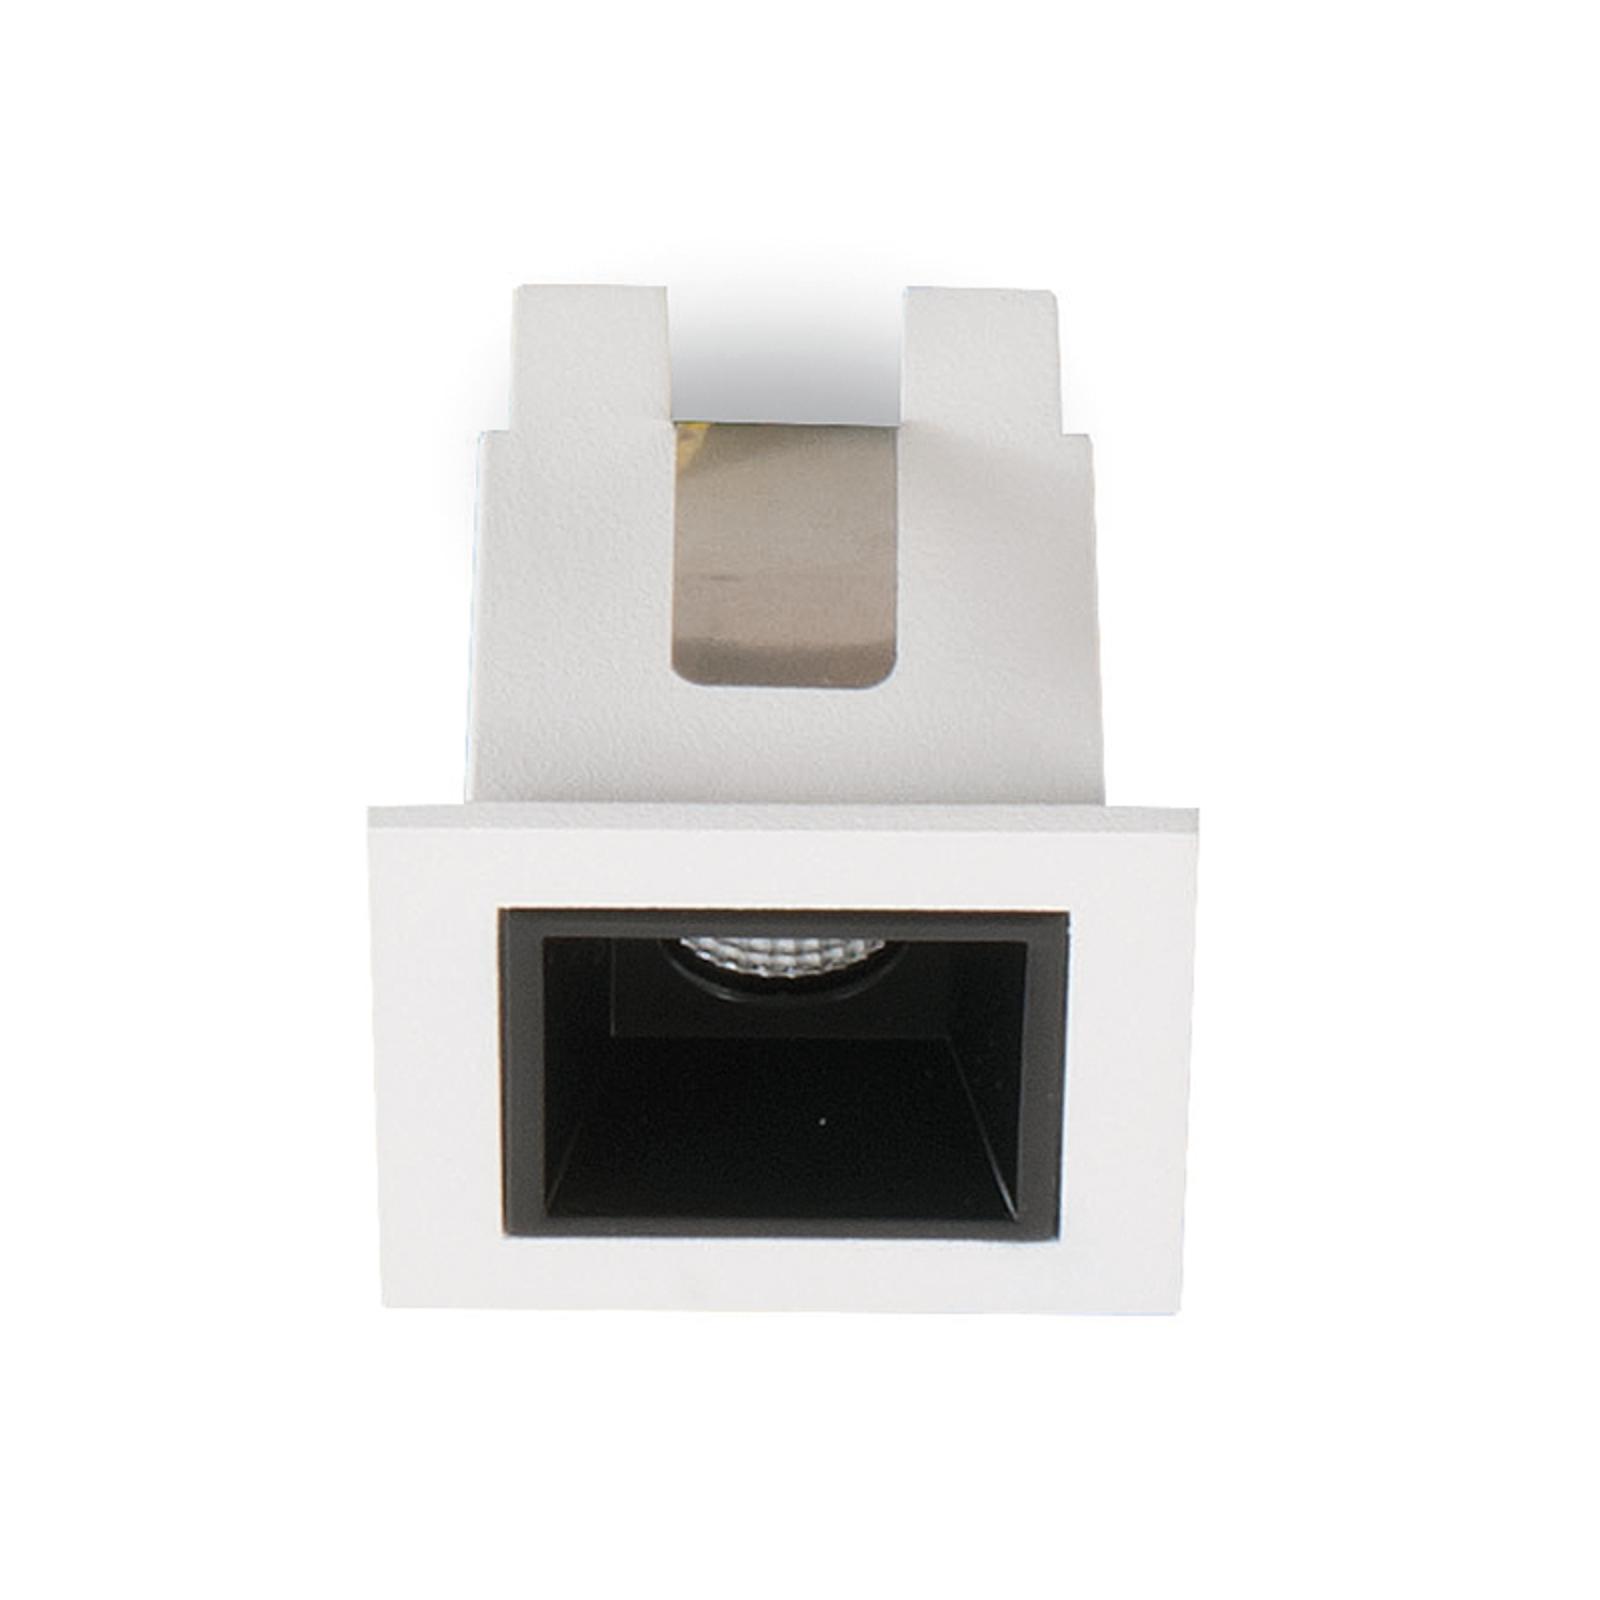 LED-Einbauleuchte Sound 1 30° mit Rahmen, weiß